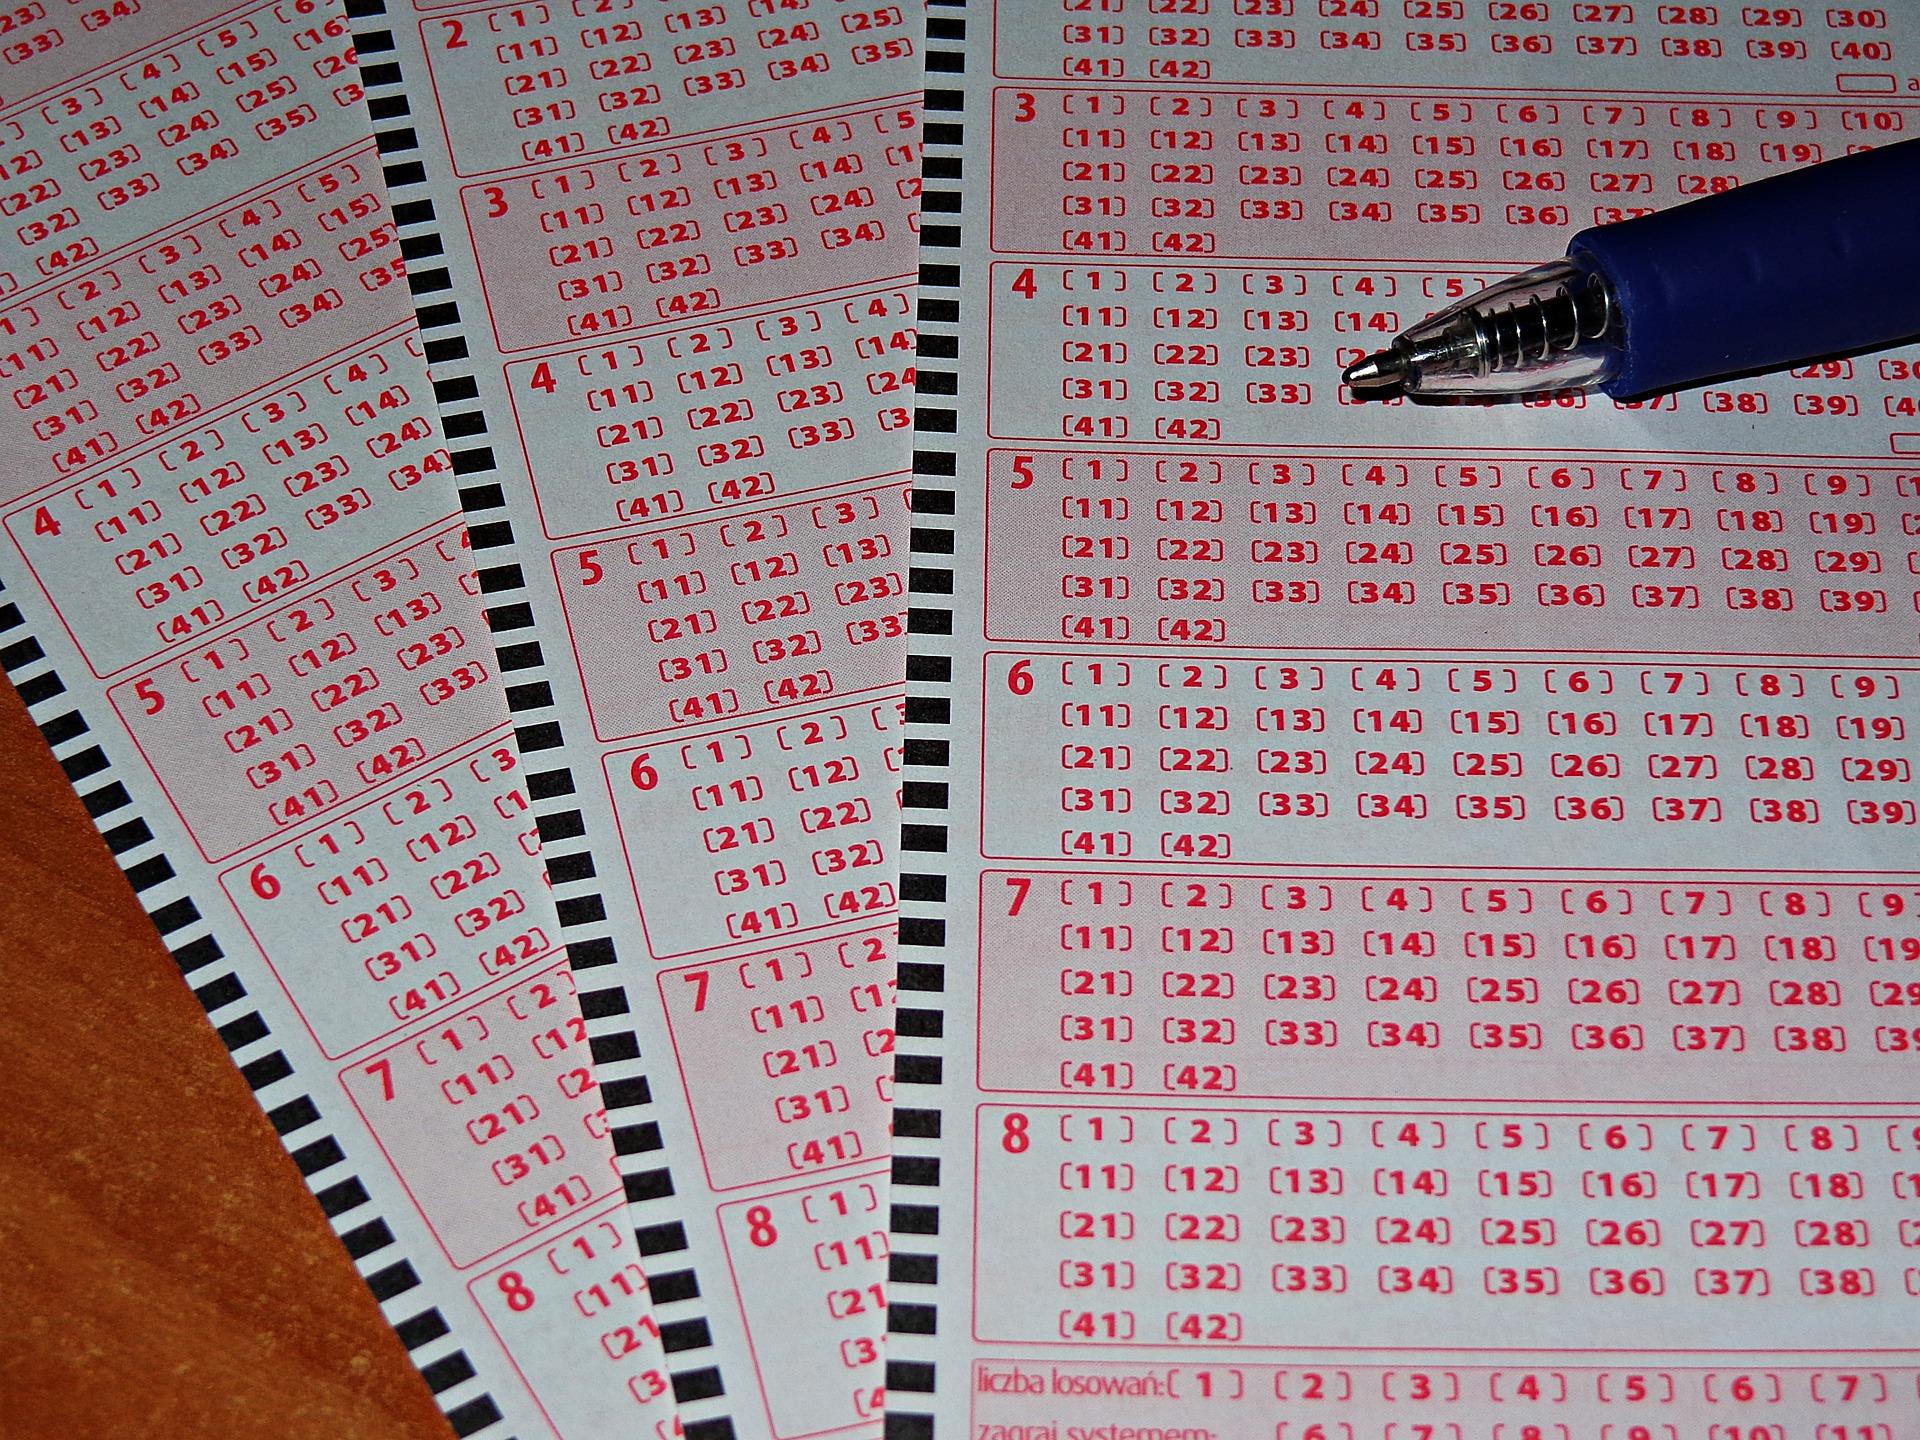 Rekordowa wygrana. W Płocku trafiono 6 w Lotto - Zdjęcie główne